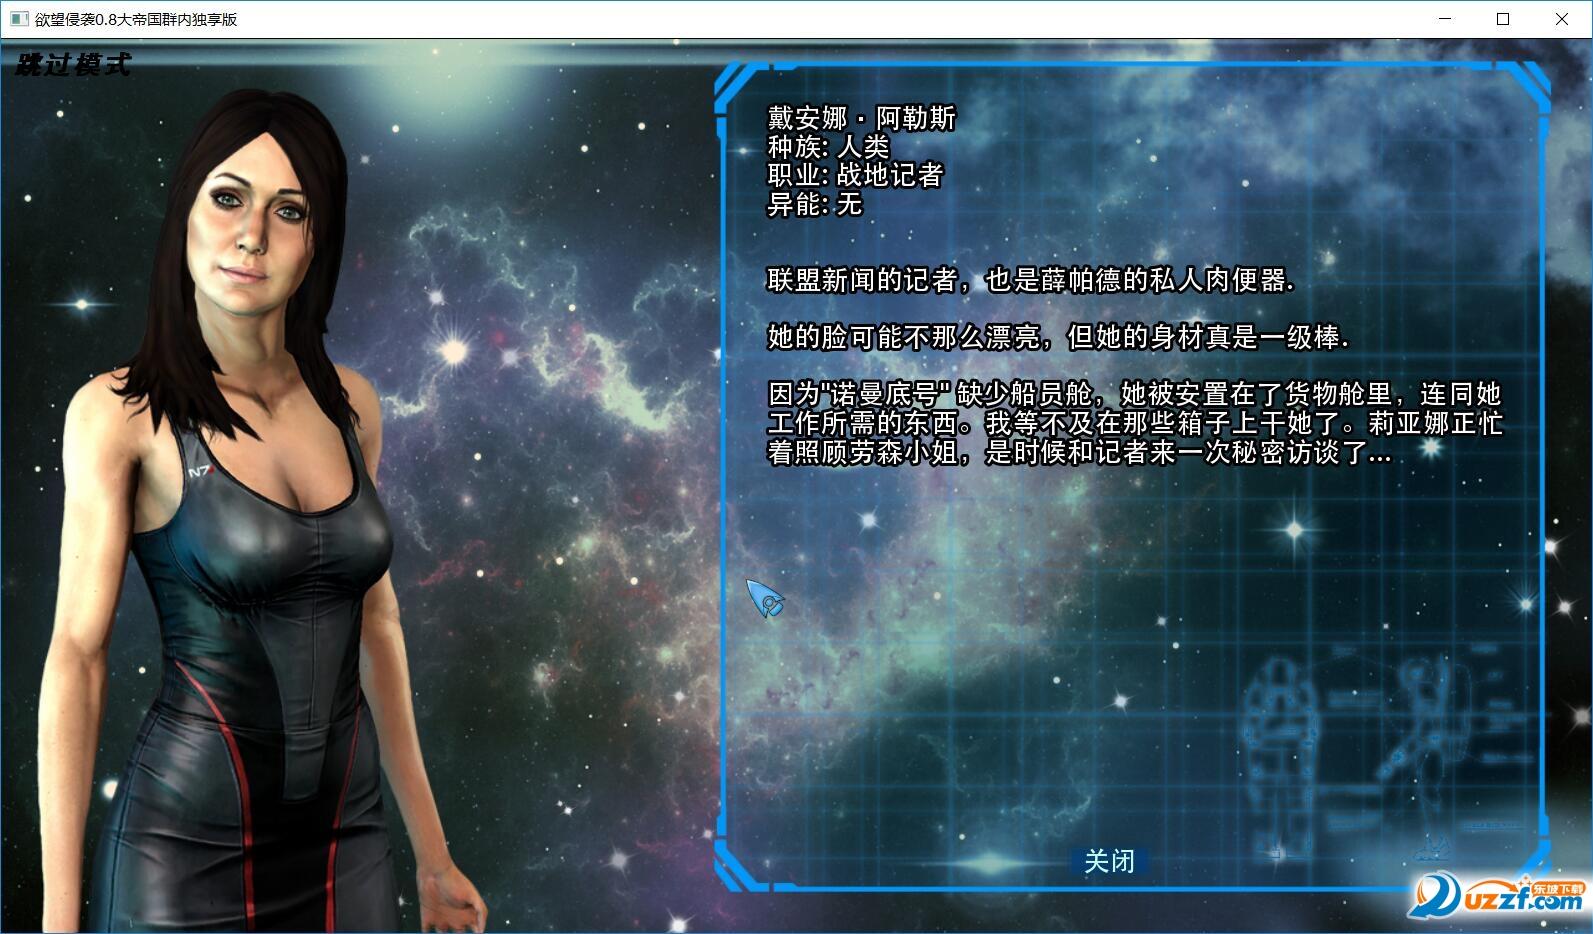 欲望的侵袭0.8中文版截图1